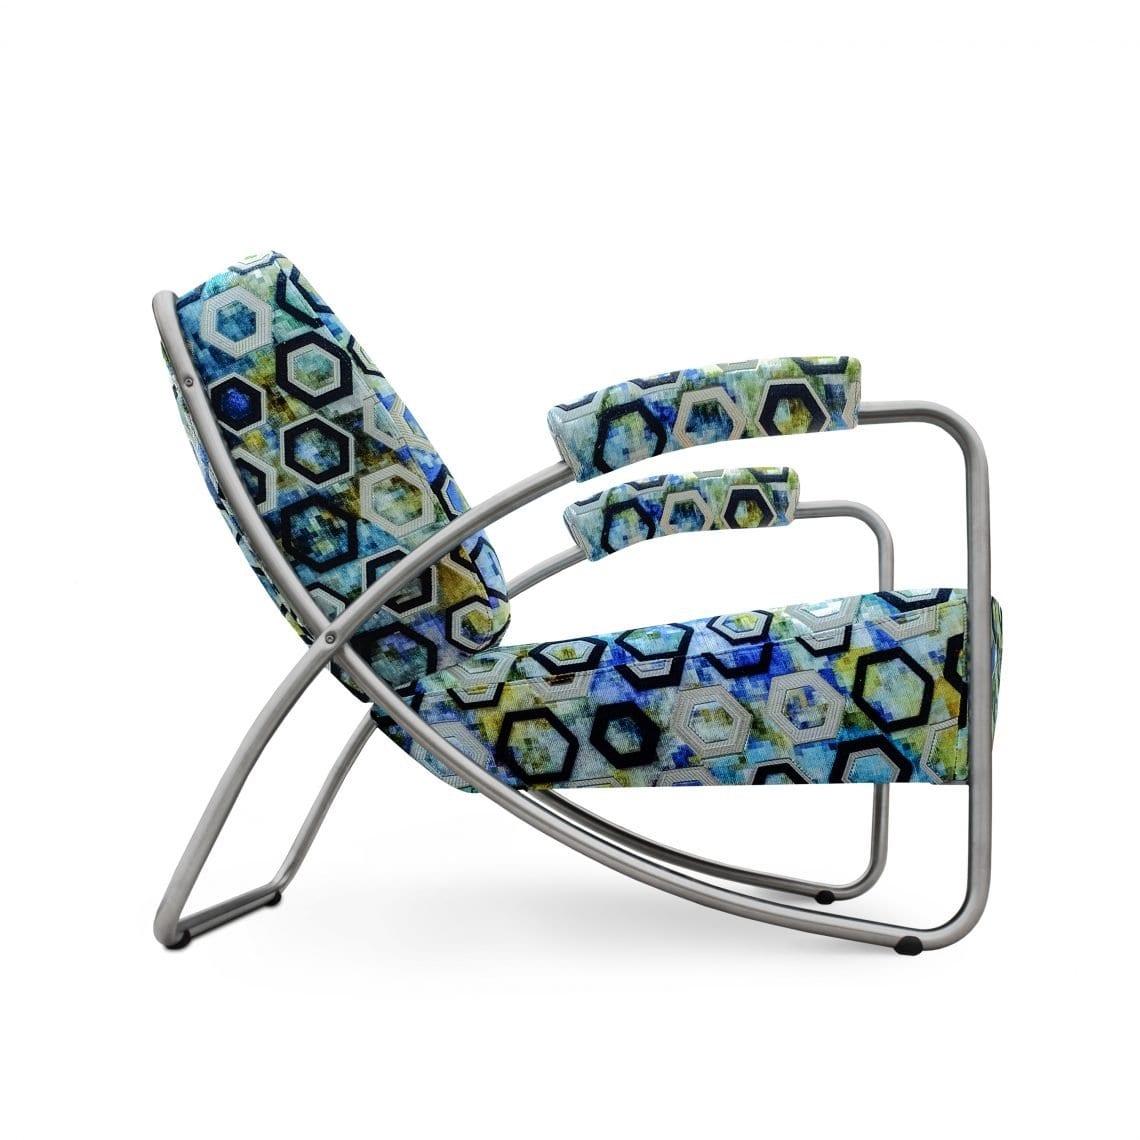 De ruimtelijke Dyker 20 in de geometrische stof van Designers Guild -> Sukhna cobalt